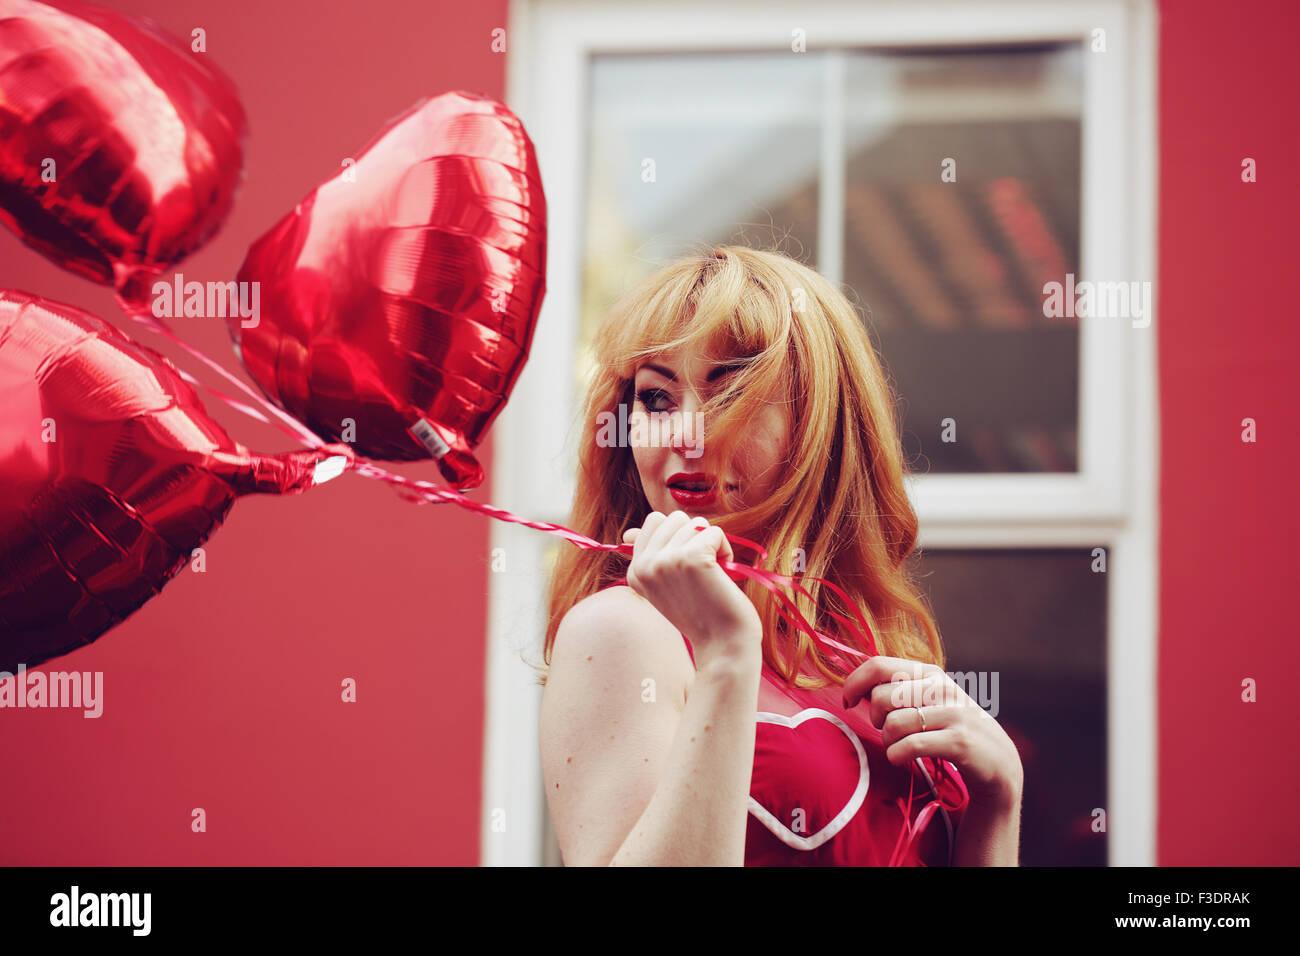 Jeune femme à thème romantique en zone urbaine Photo Stock